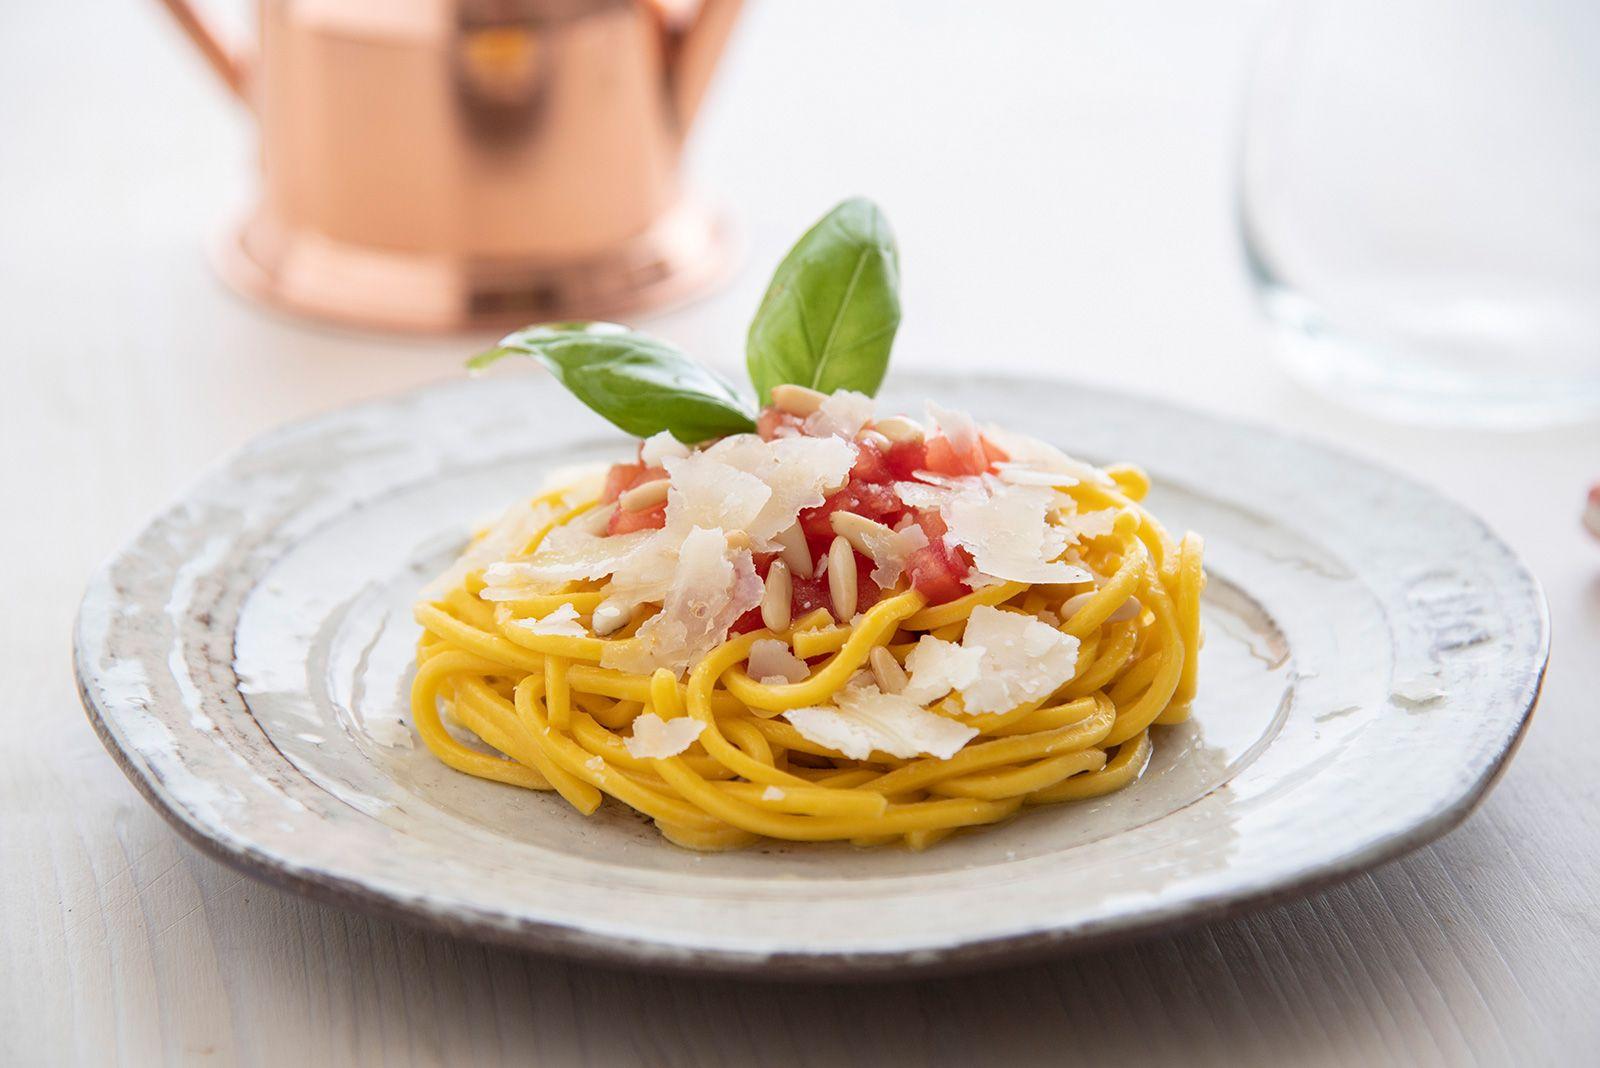 Ricetta Spaghetti alla chitarra con dadolata di pomodoro san marzano, basilico fresco, pinoli e pecorino romano a scaglie